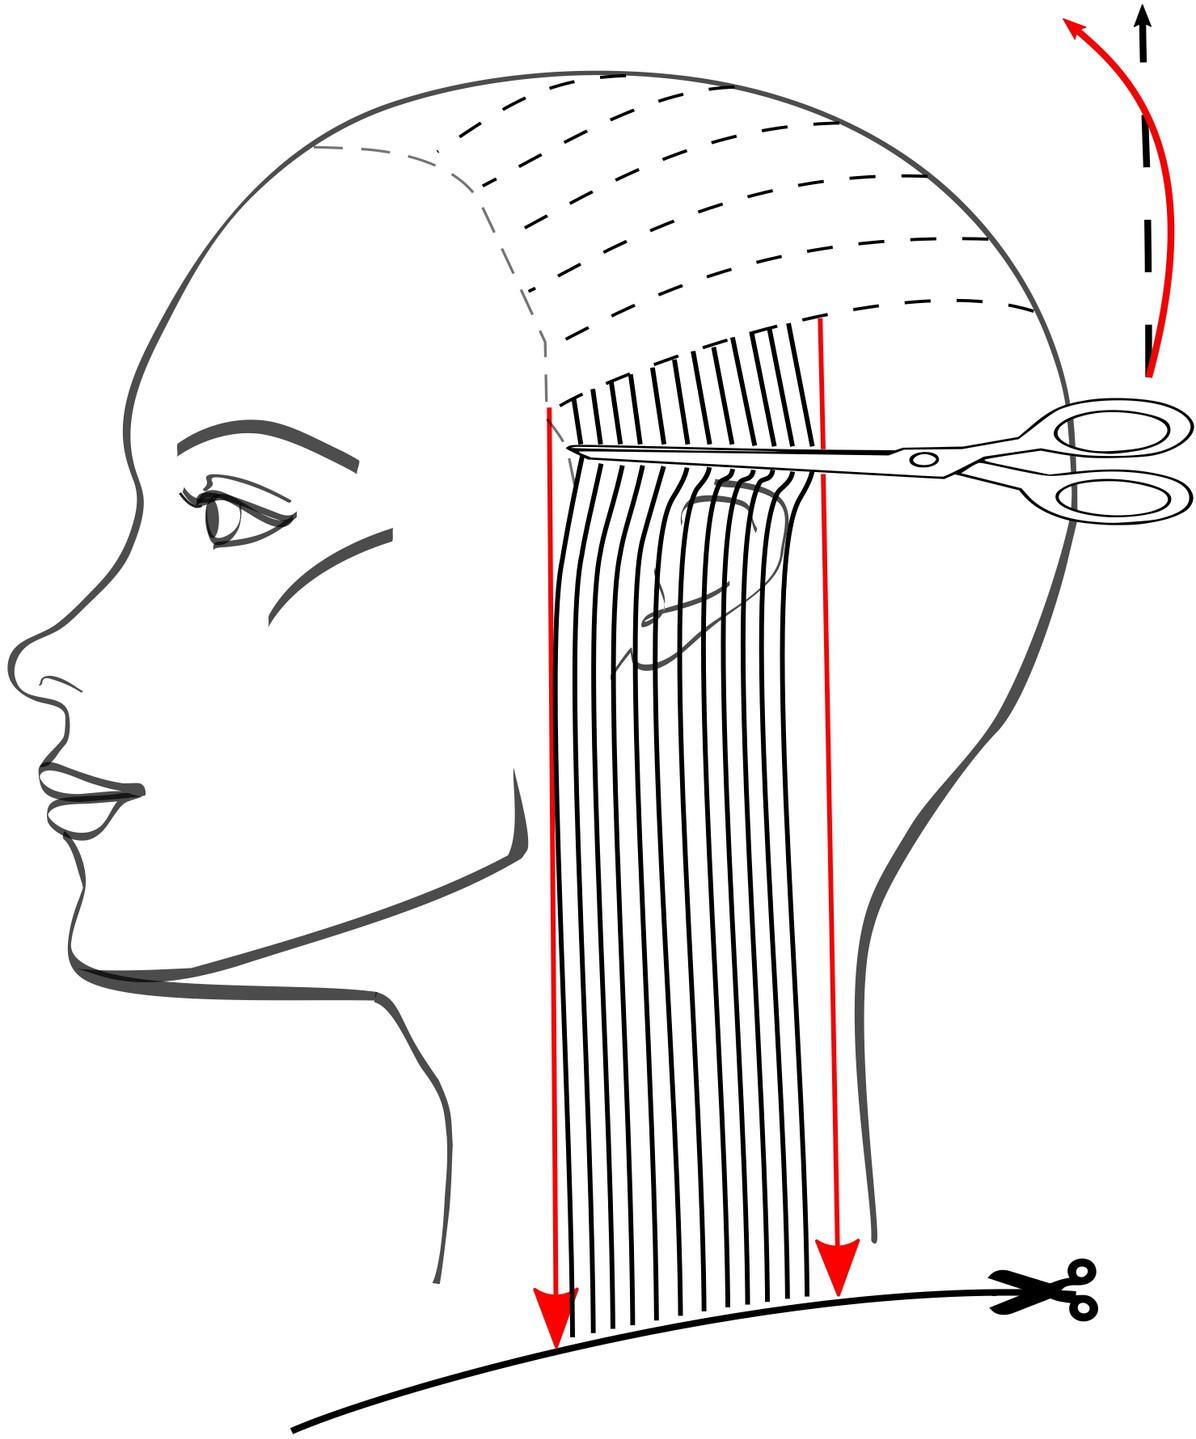 Переходим к височным зонам. Садимся с левой стороны от модели, голову наклоняем вправо. Волосы расчёсываем вниз, над ушной раковиной прядь волос продавливаем ножницами, чтобы не срезать лишнего в окантовке.